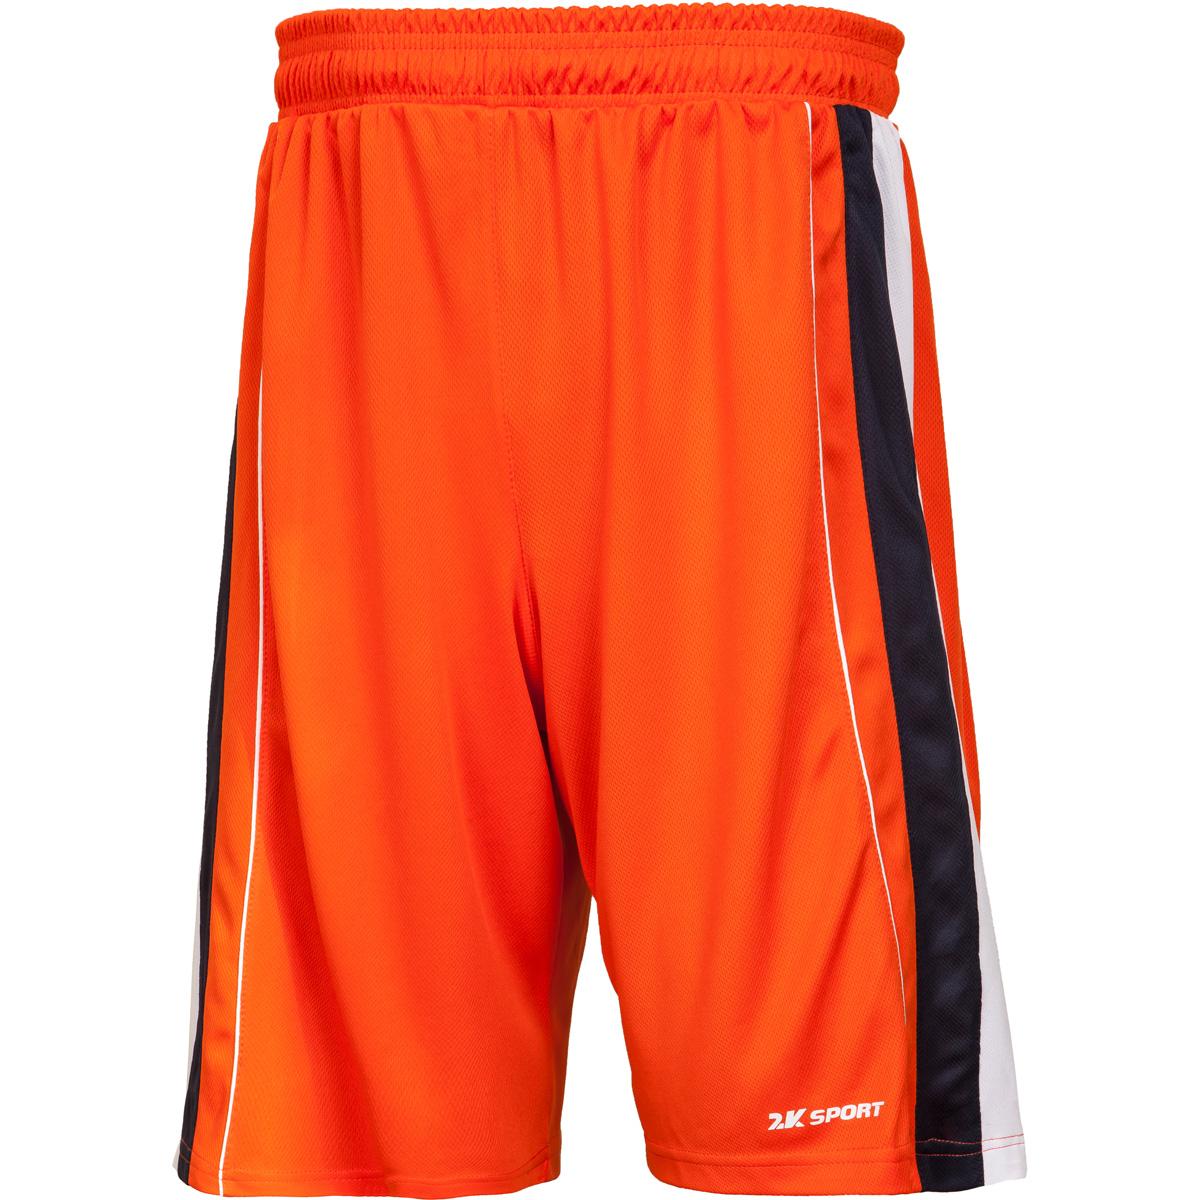 Шорты баскетбольные мужские 2K Sport Advance, цвет: оранжевый, темно-синий, белый. 130031. Размер XS (44) - Баскетбол